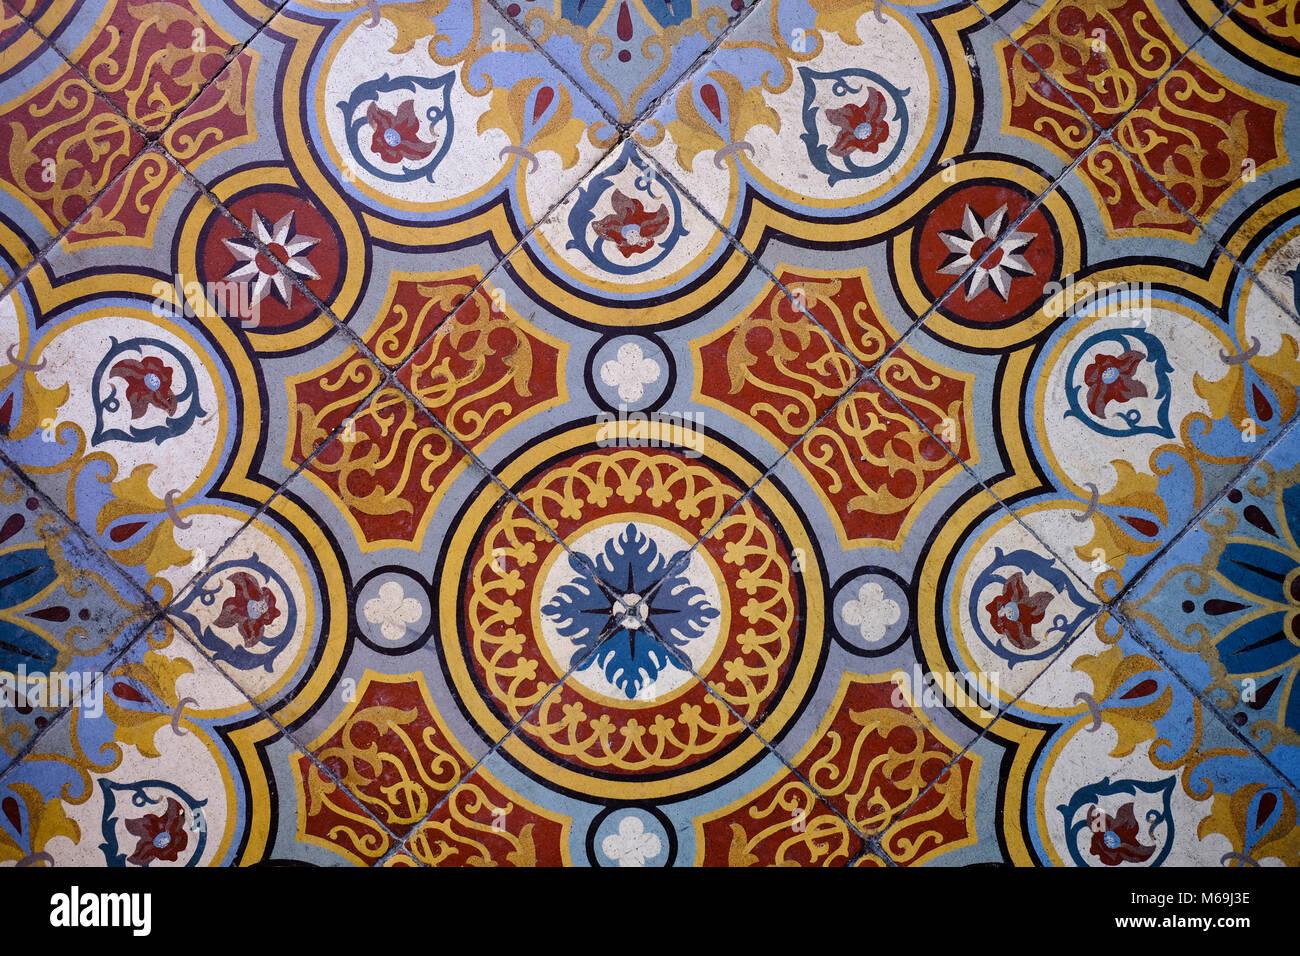 Vecchio decorativo pavimento in ceramica. Il preservativo. Le Gers Reparto, Nuova Aquitaine, Midi Pyerenees. Francia Immagini Stock